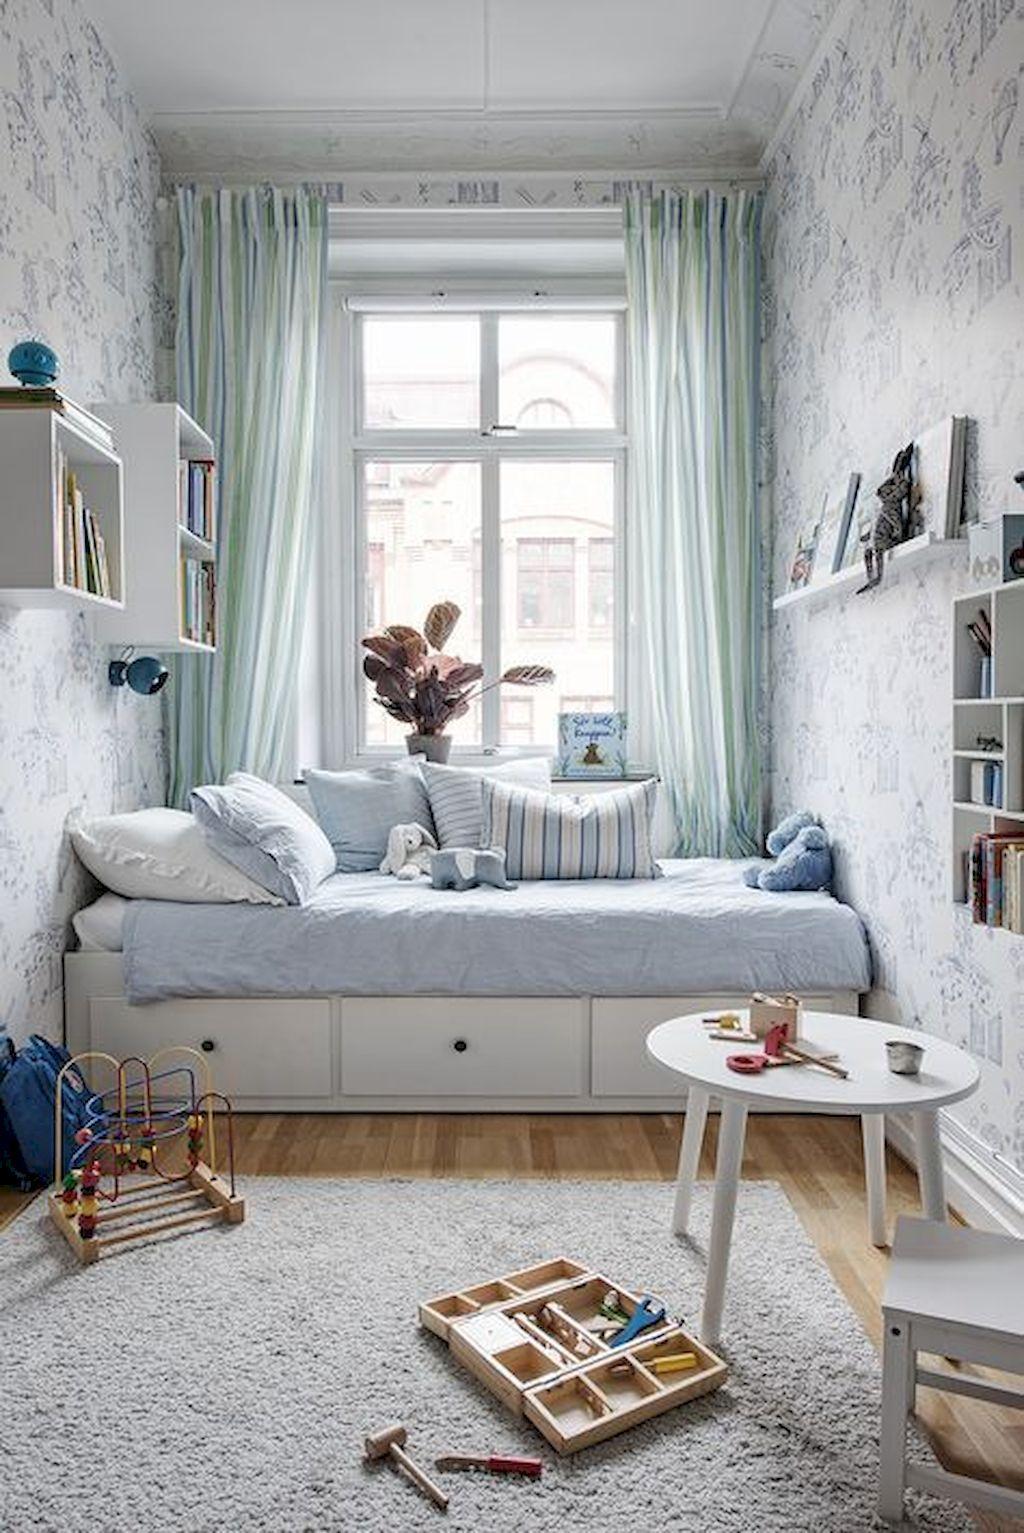 44++ Small kids bedroom ideas ideas